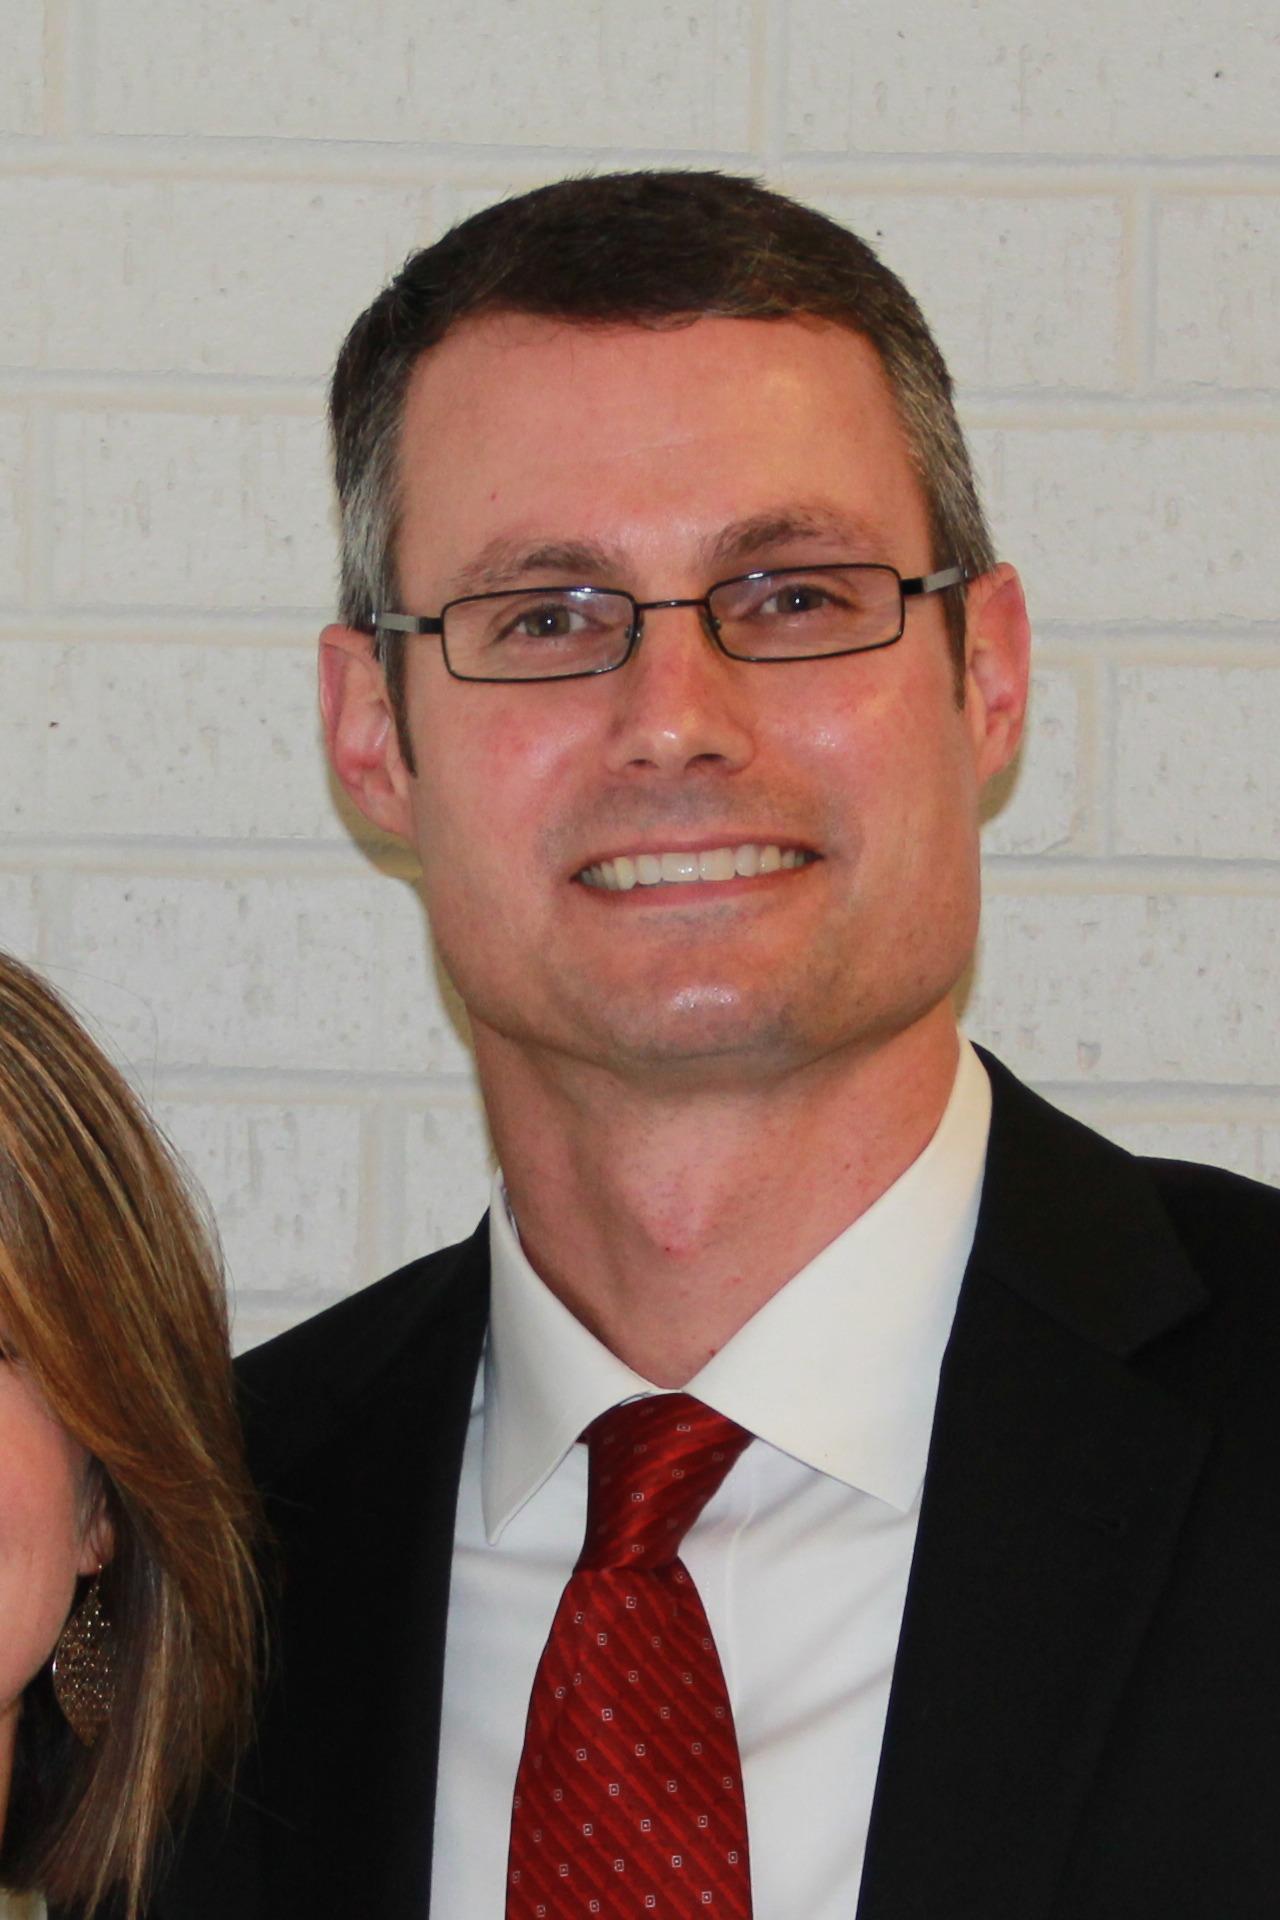 Jeremy Stobaugh